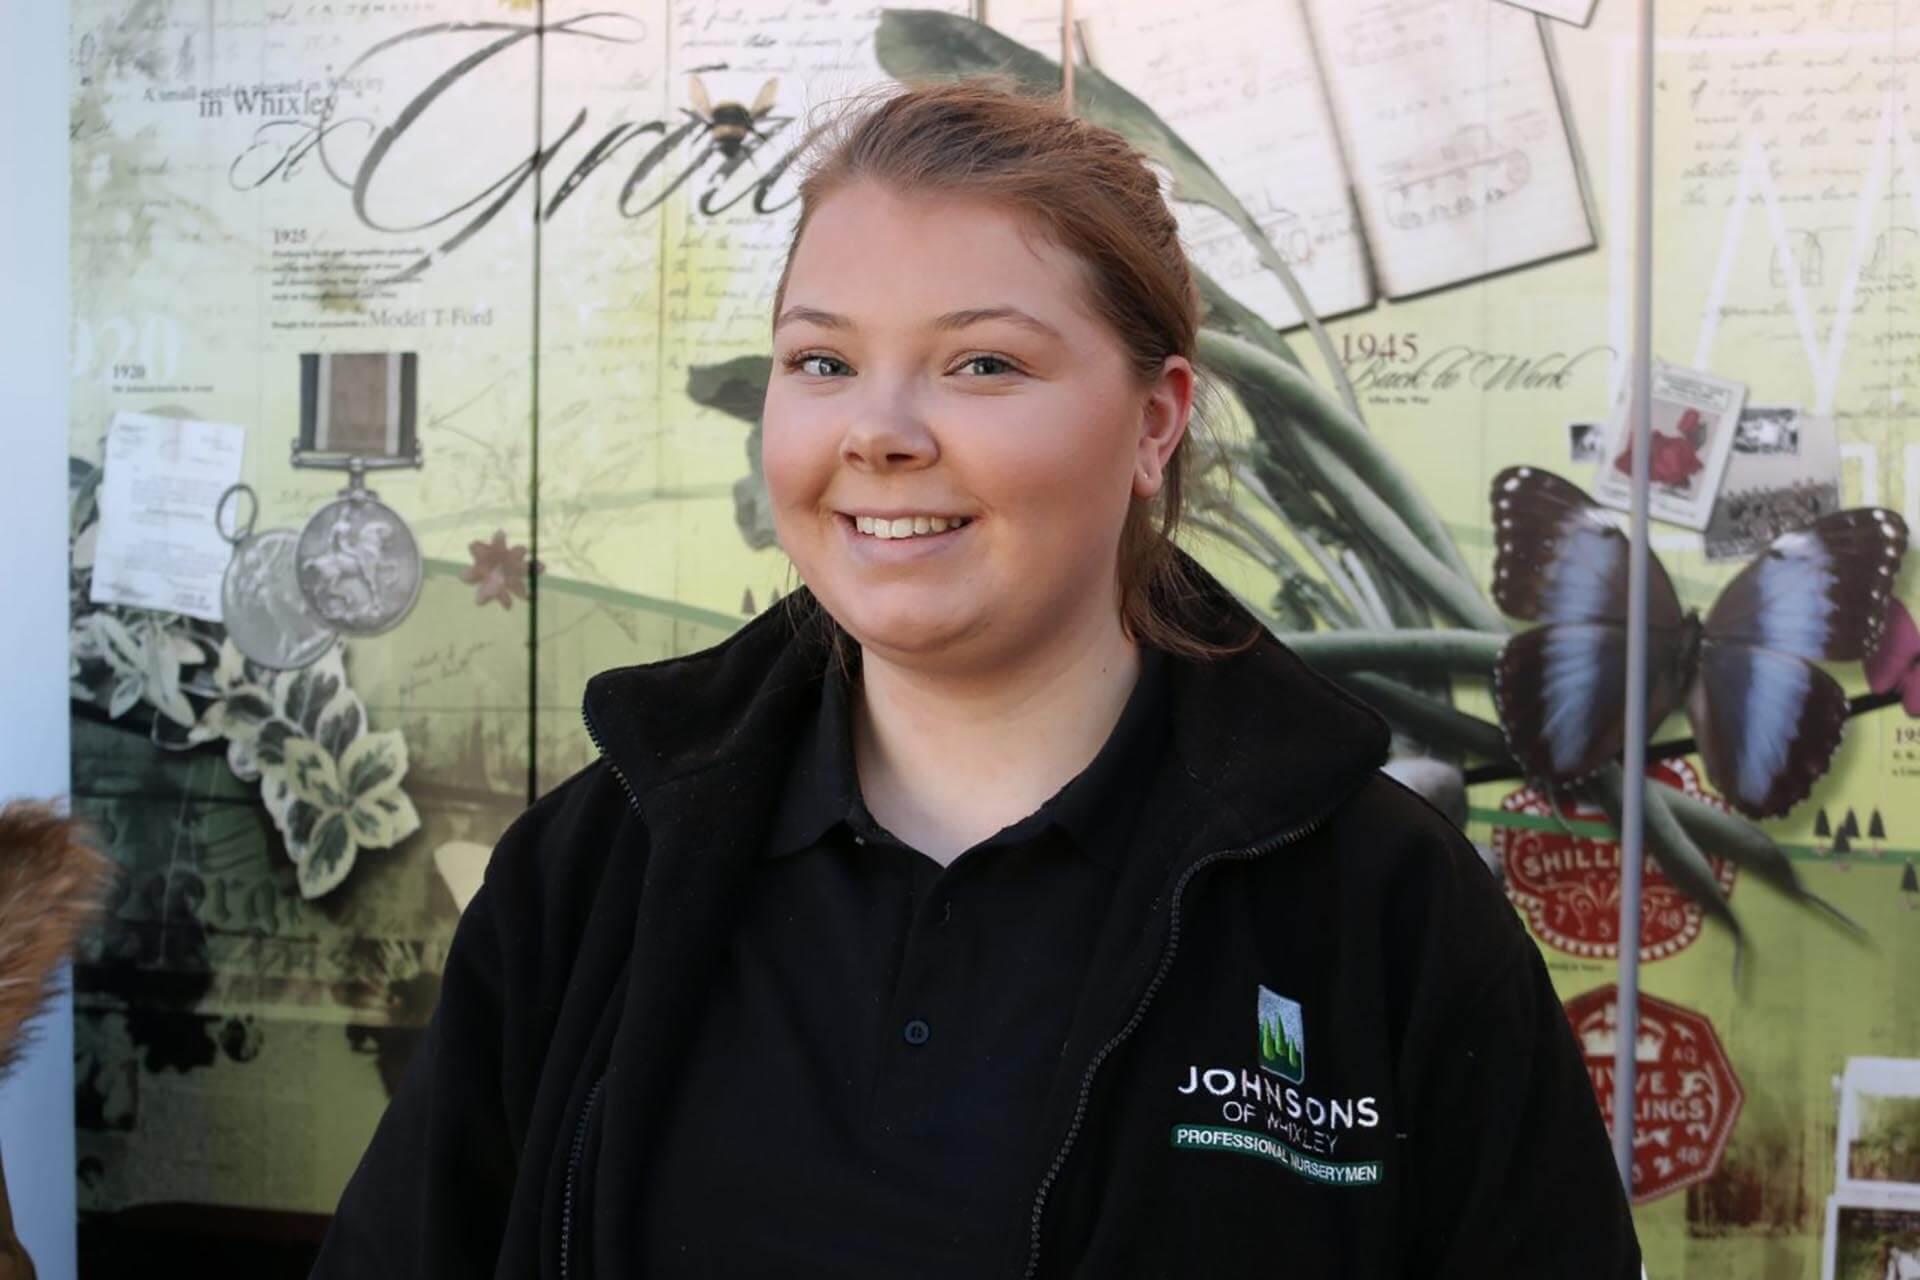 Meet our new sales executive, Hannah Smith